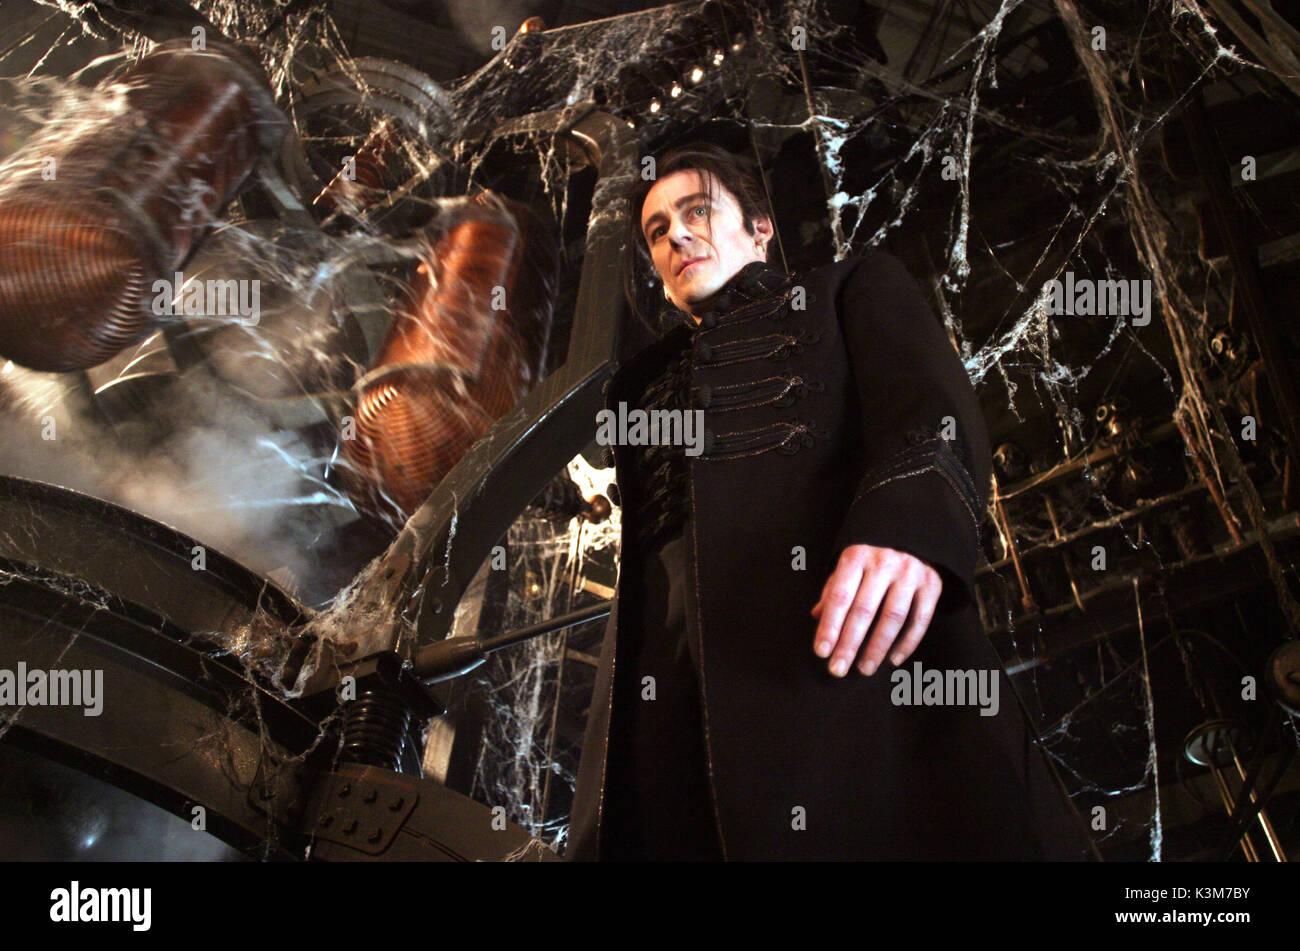 VAN HELSING RICHARD ROXBURGH as Count Dracula     Date: 2004 - Stock Image